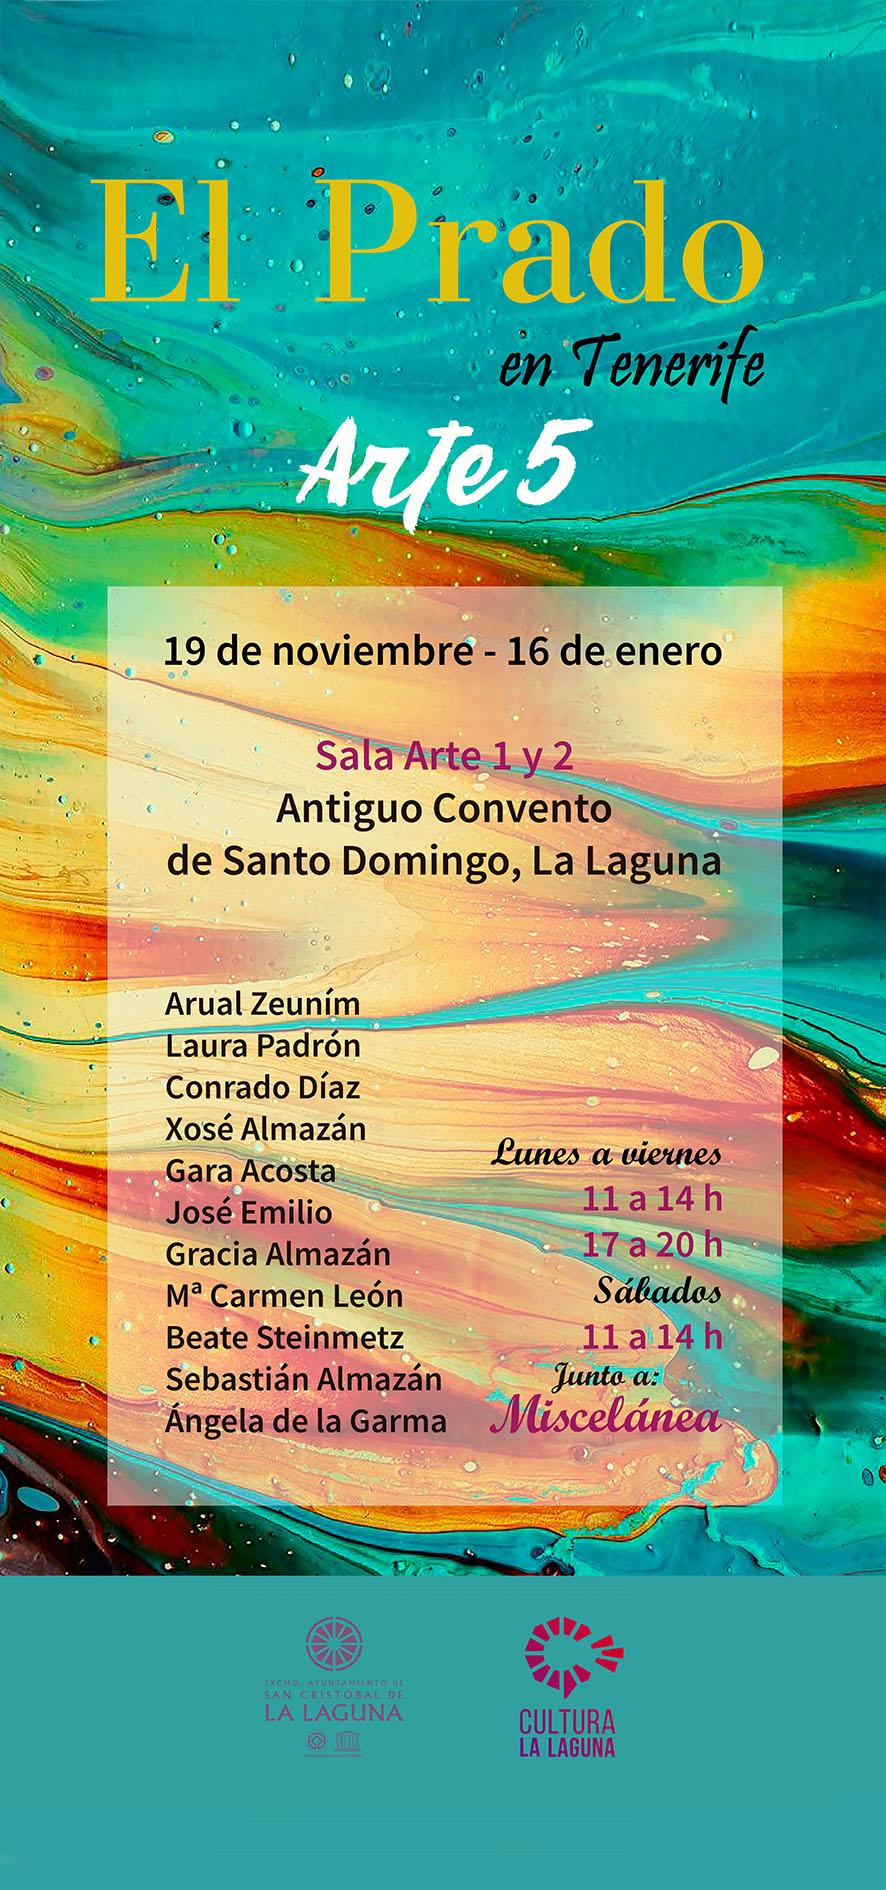 El Prado en Tenerife Colectivo Arte 5 convento santo domingo exposición 2020